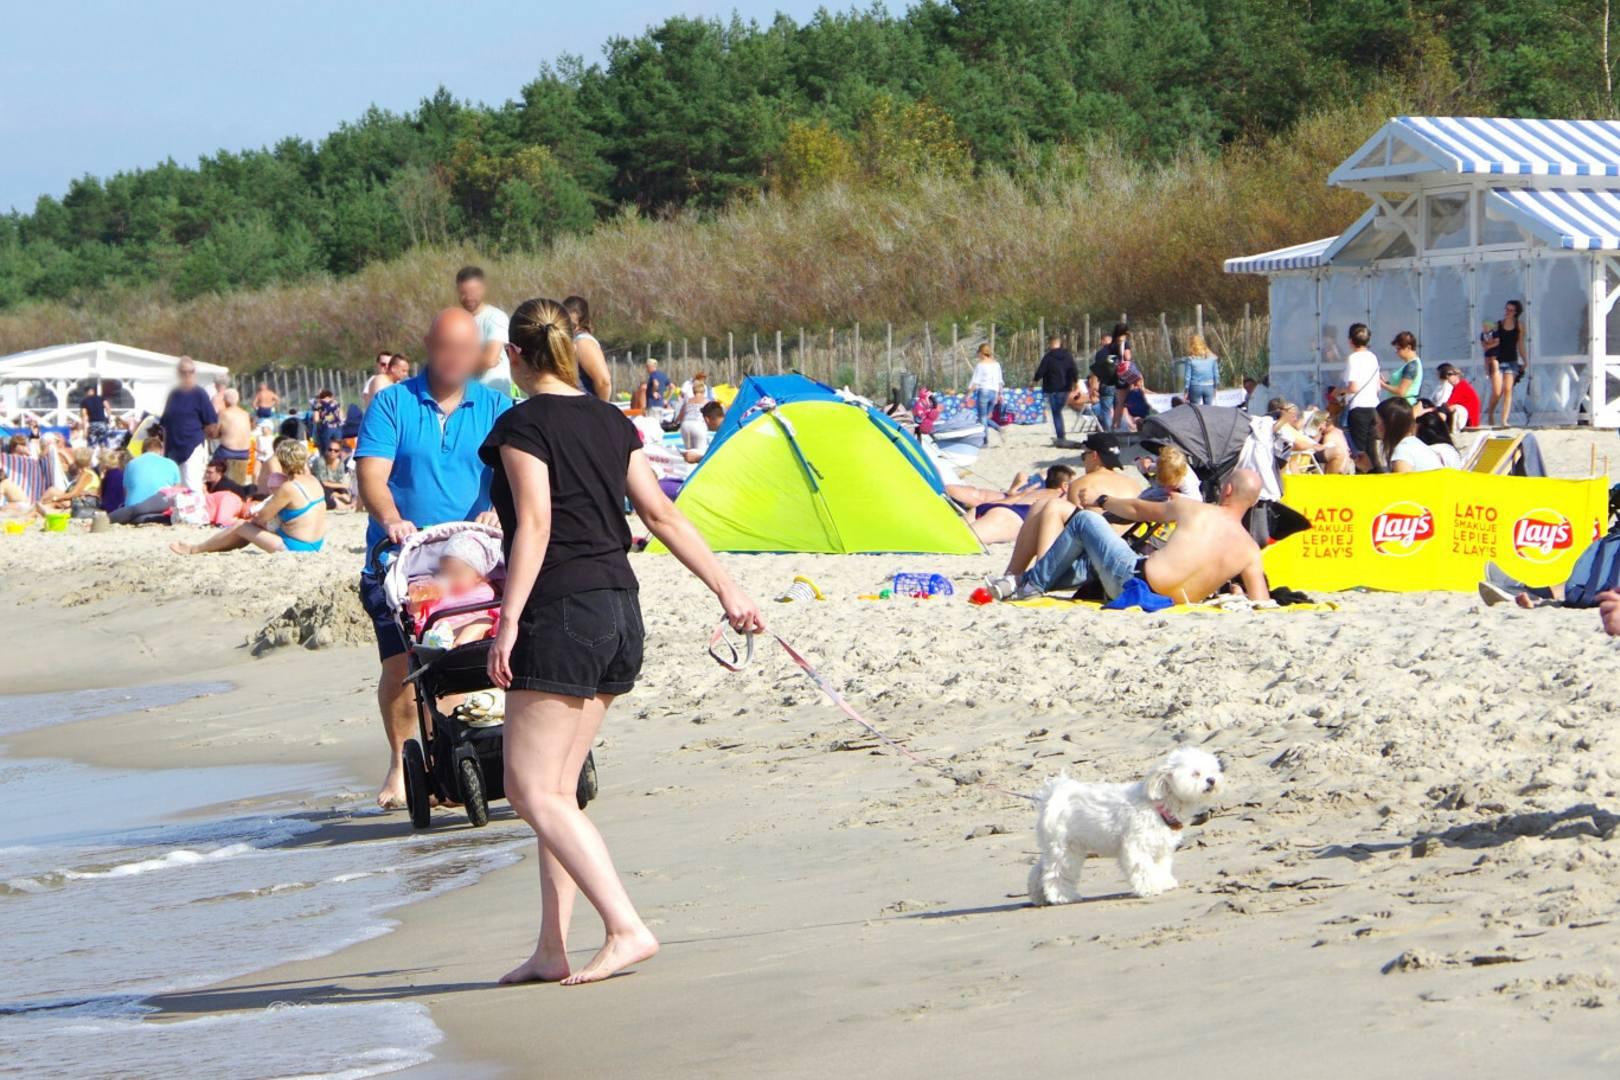 Co Polaków irytuje na plażach